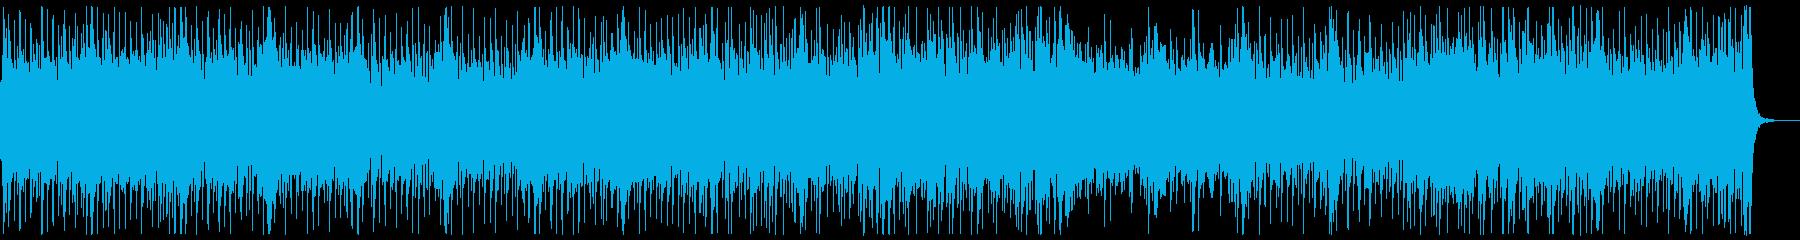 和楽器・和風・サムライロック:三味線ぬきの再生済みの波形